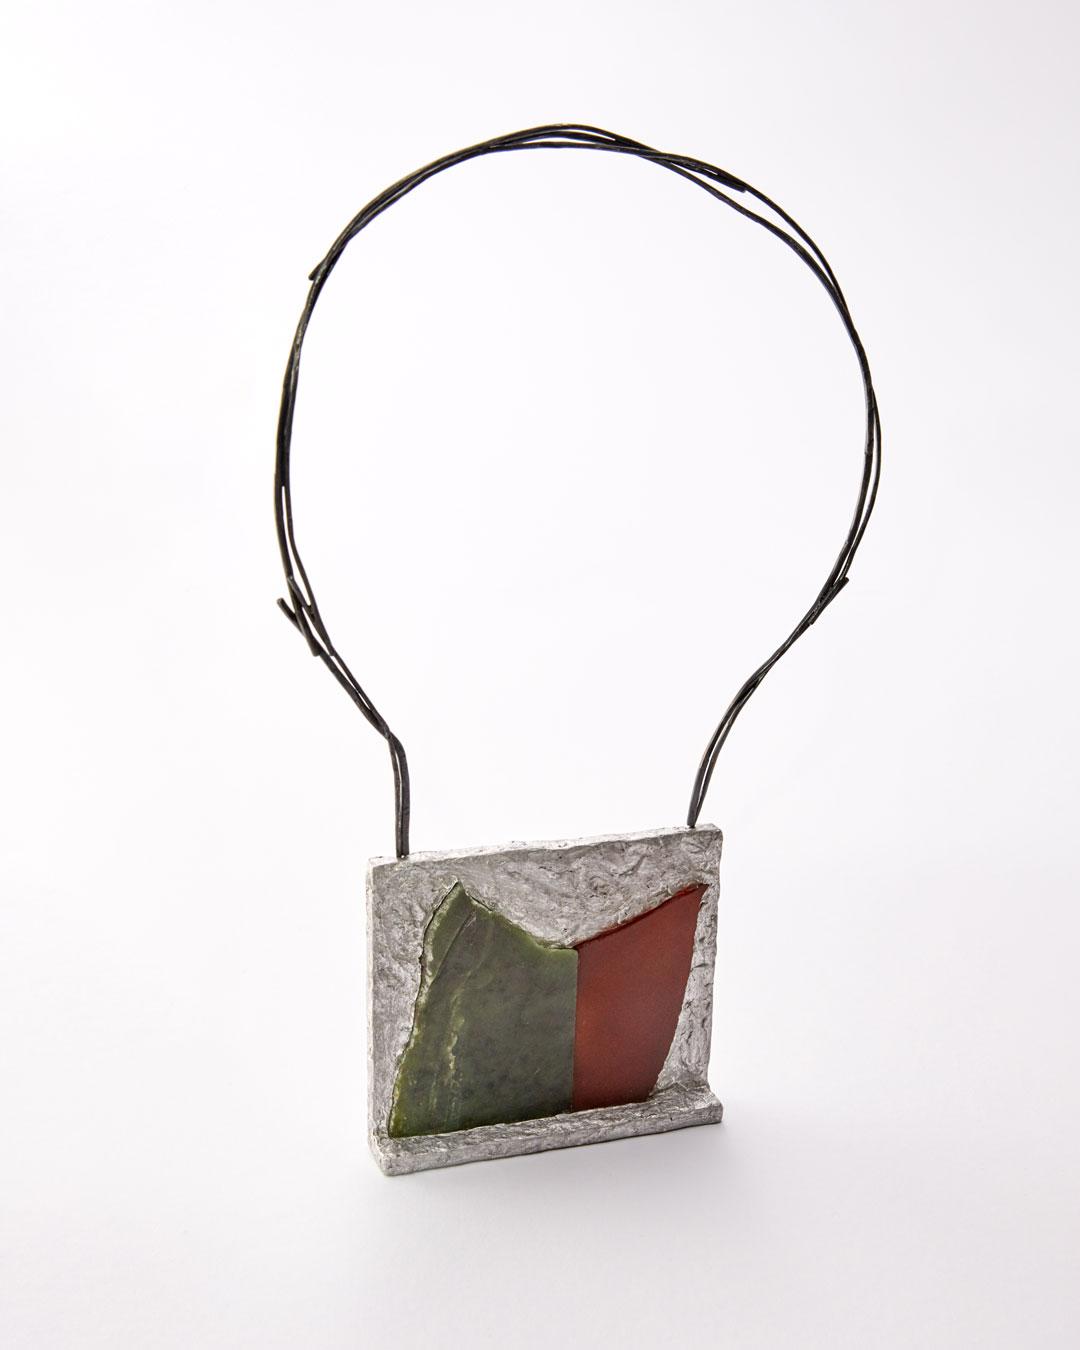 Iris Bodemer, Ordnung 3 (Array 3), 2019, hanger; aluminium, nefriet, carneool, zilver, montagelijm, 85 x 100 x 20 mm, €4000